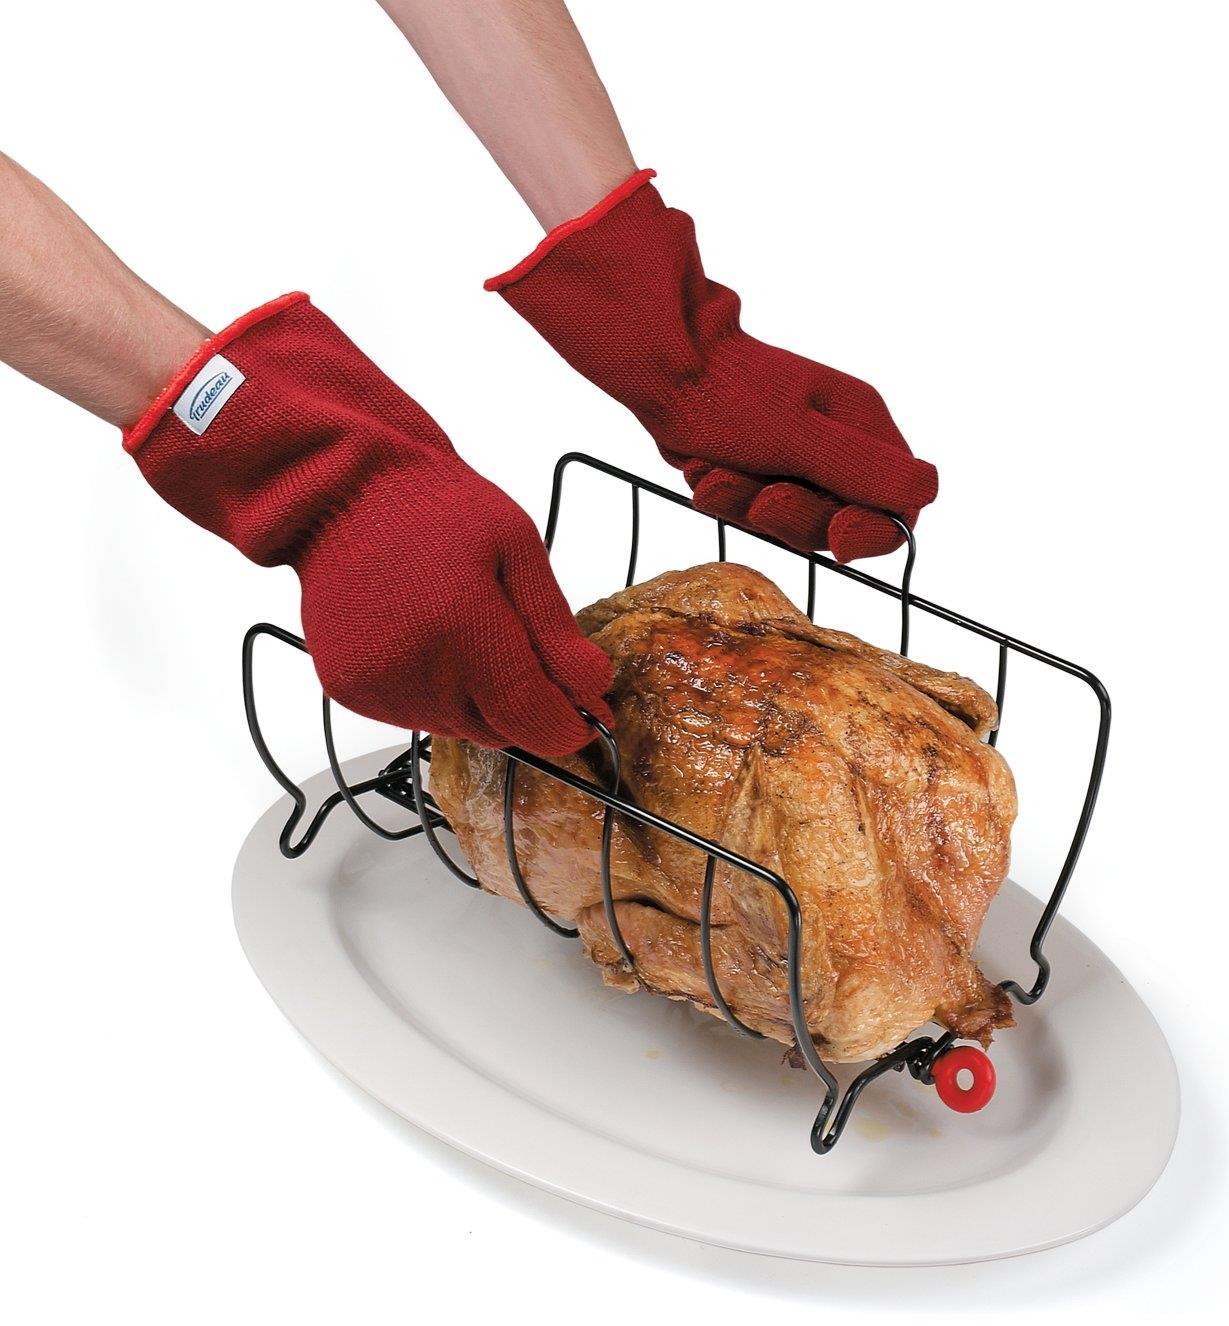 Gants de cuisine portés pour manipuler une grille à rôtir